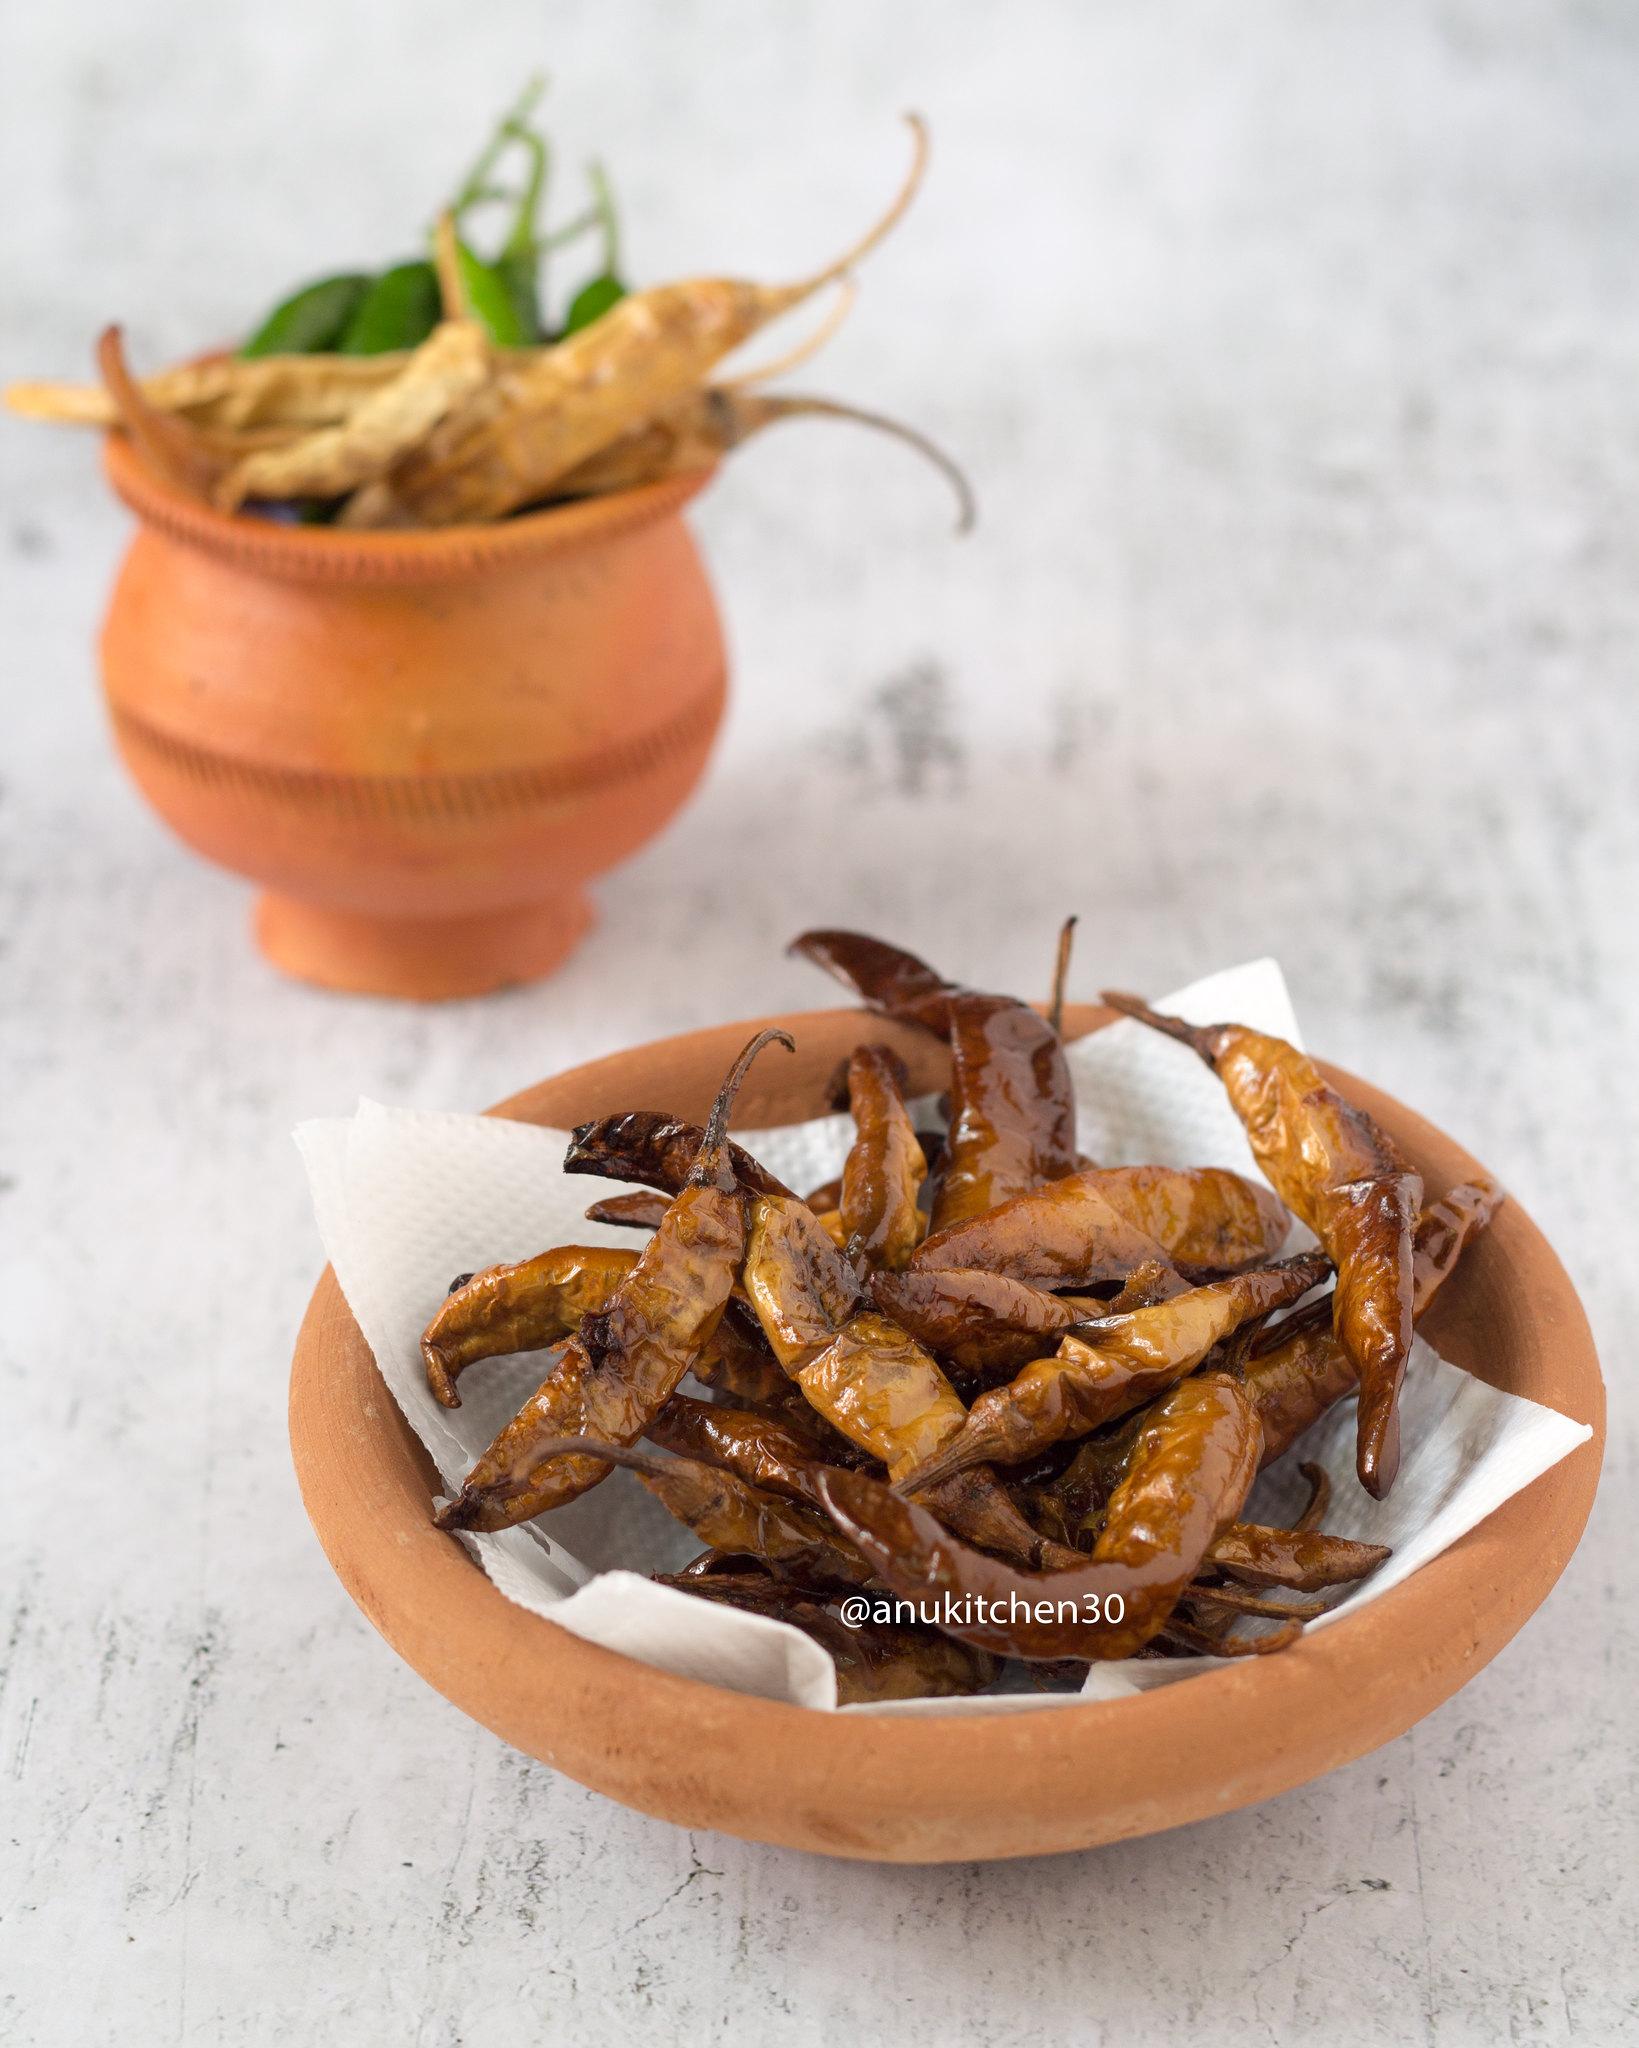 ಮಜ್ಜಿಗೆ ಮೆಣಸಿನಕಾಯಿ | Majjige Menasinakaayi